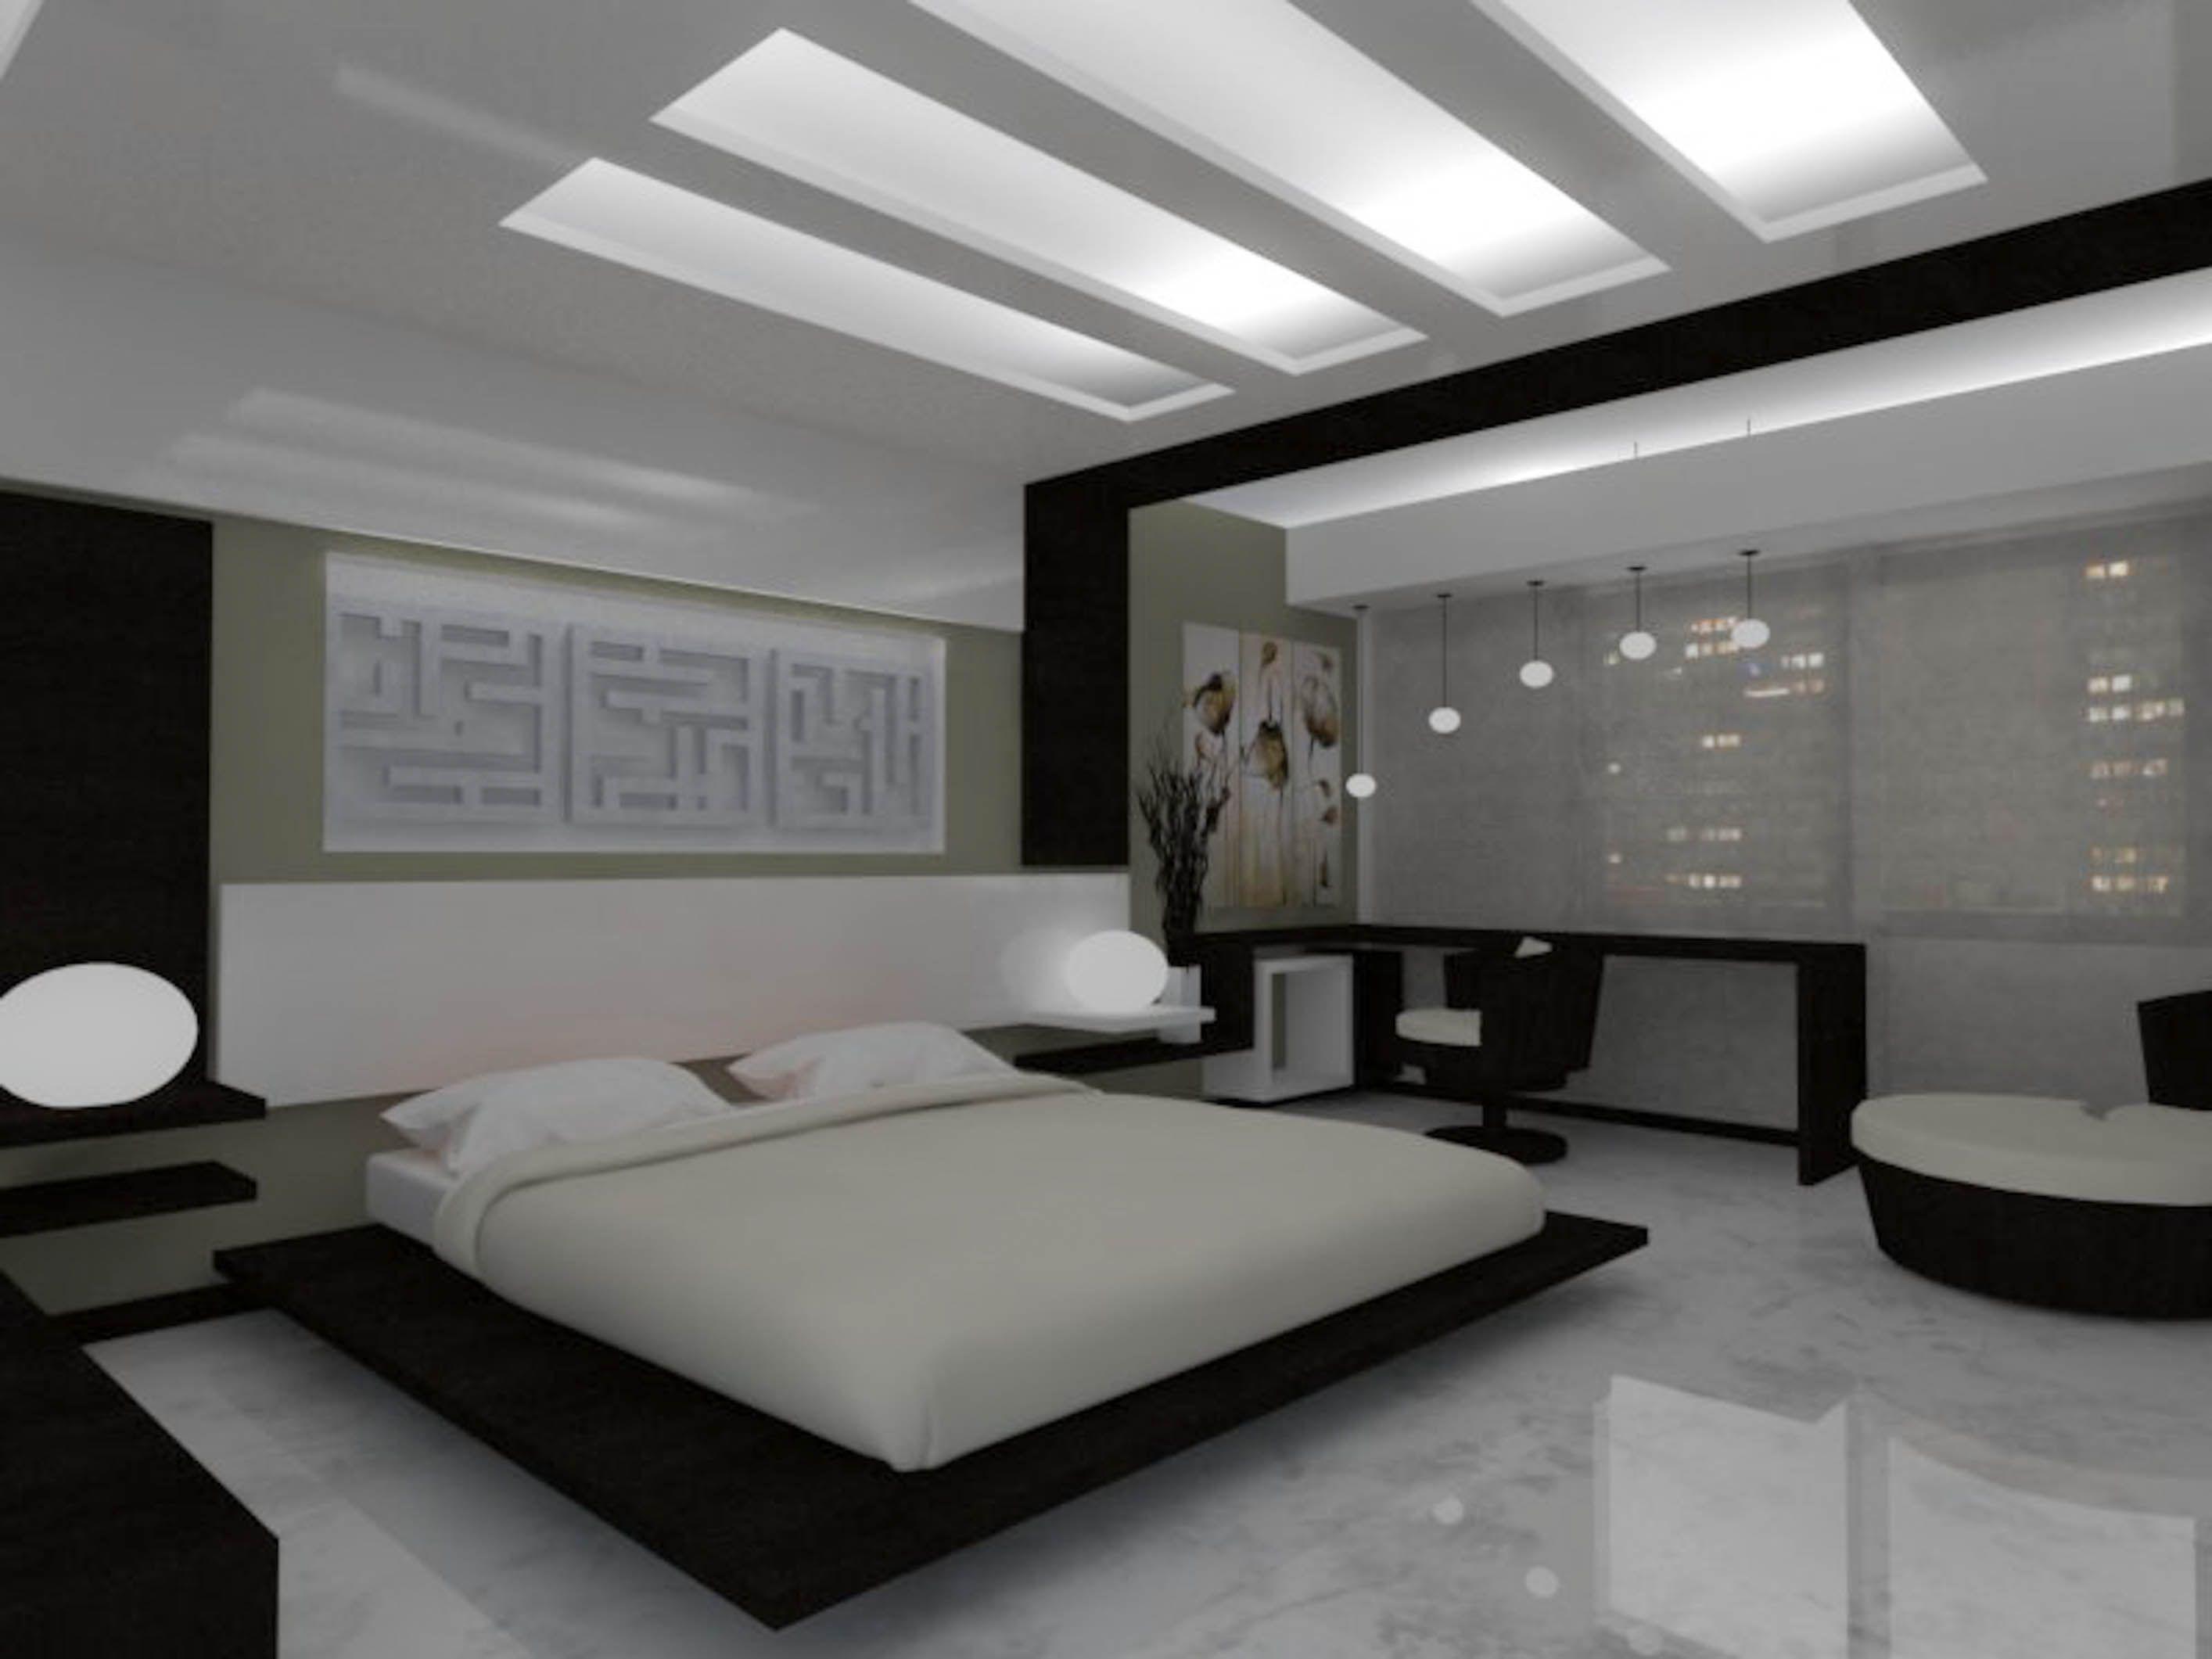 Habitaci n de dise o contemporaneo con toques zen hotel for Diseno de habitacion de estilo contemporaneo